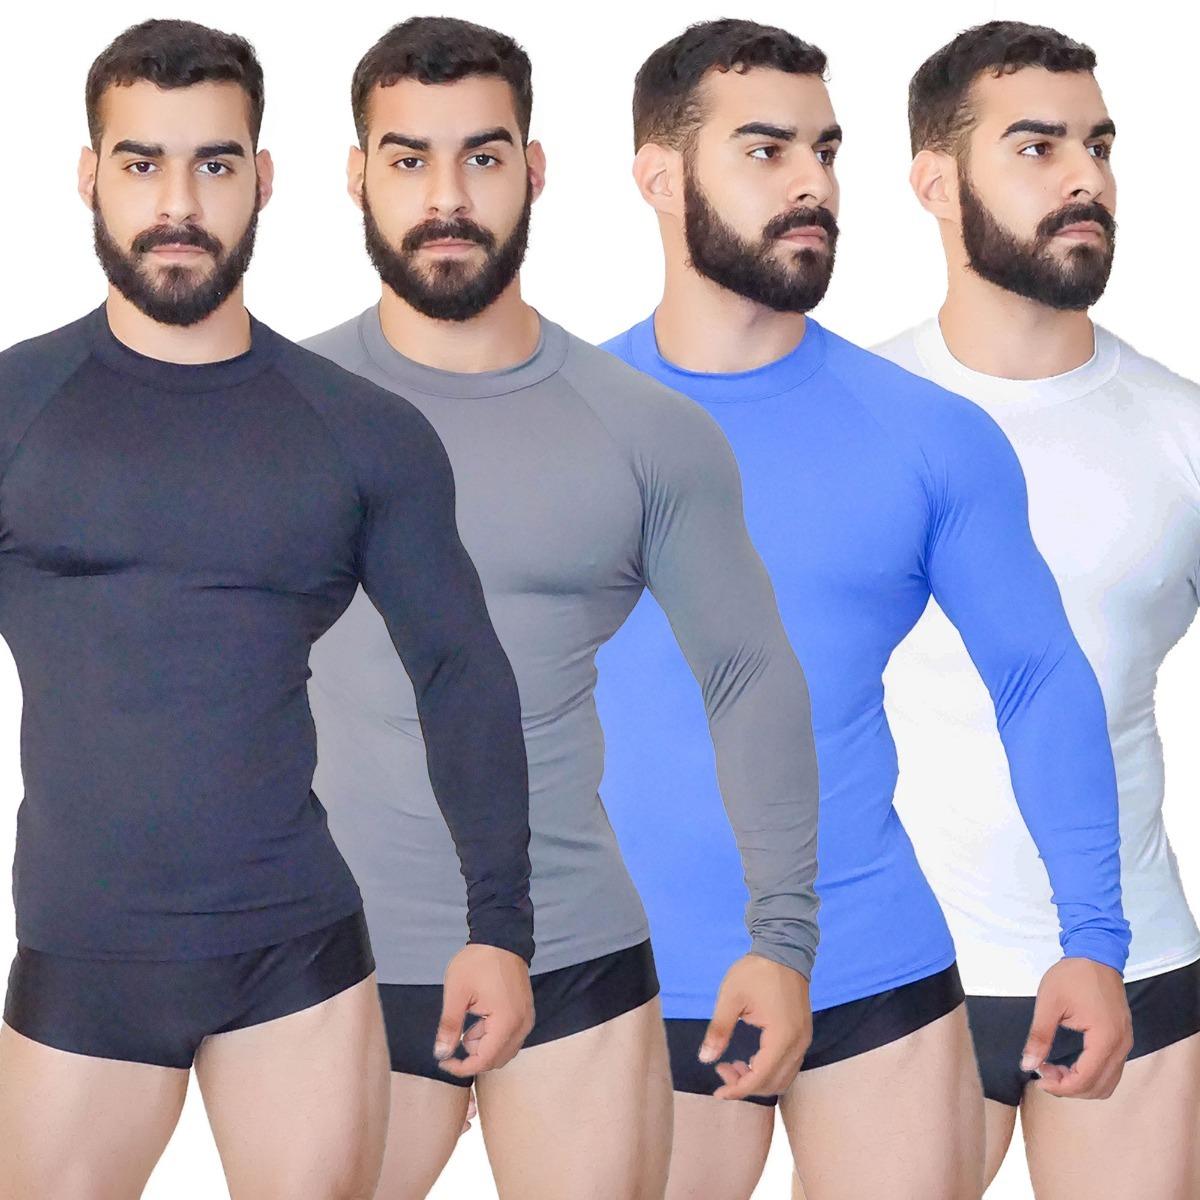 kit 4 camisa térmica blusa masculina segunda pele praia surf. Carregando  zoom. c2e4989ae0a4a